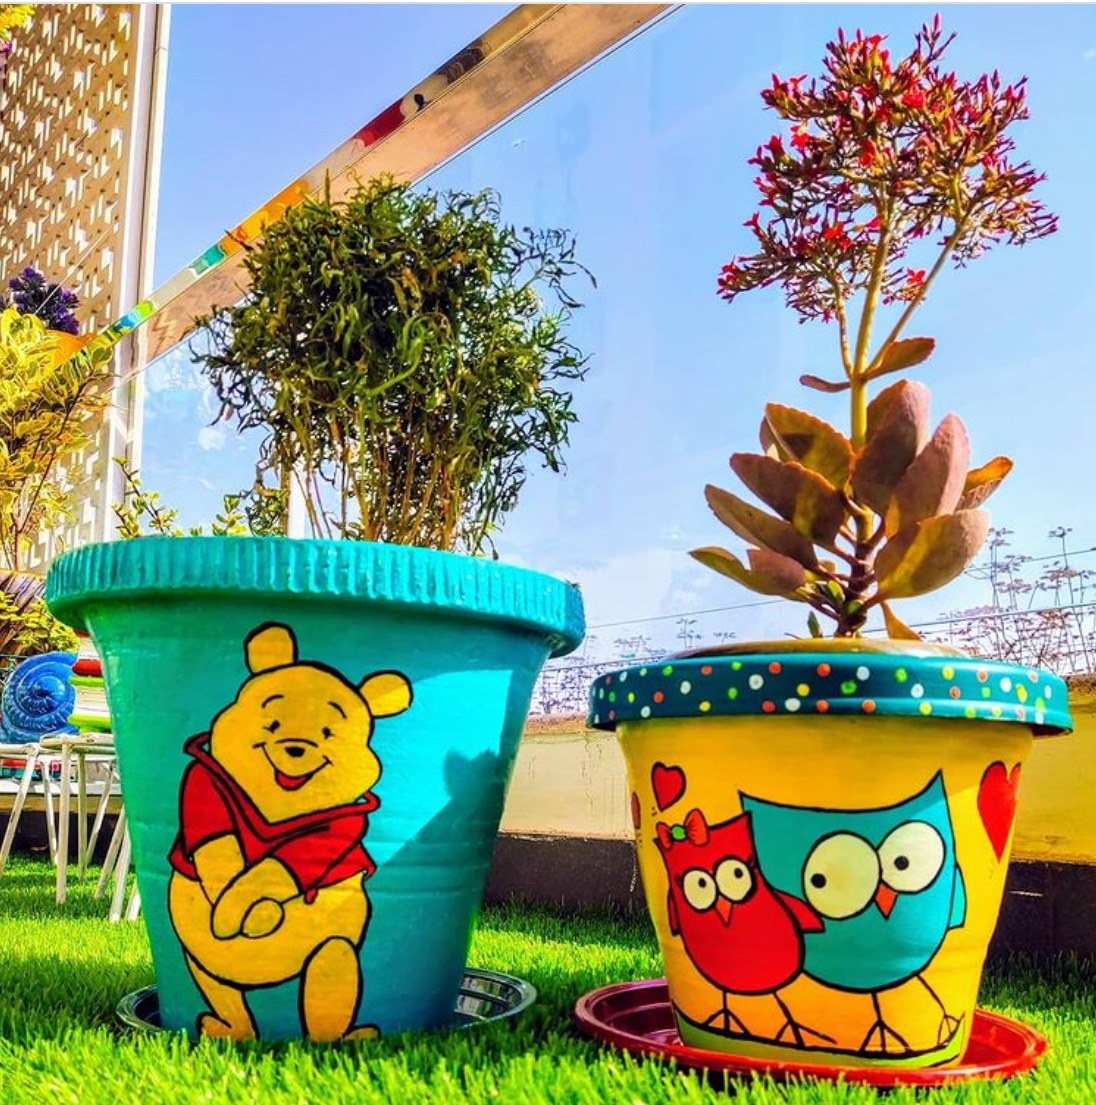 diy planters